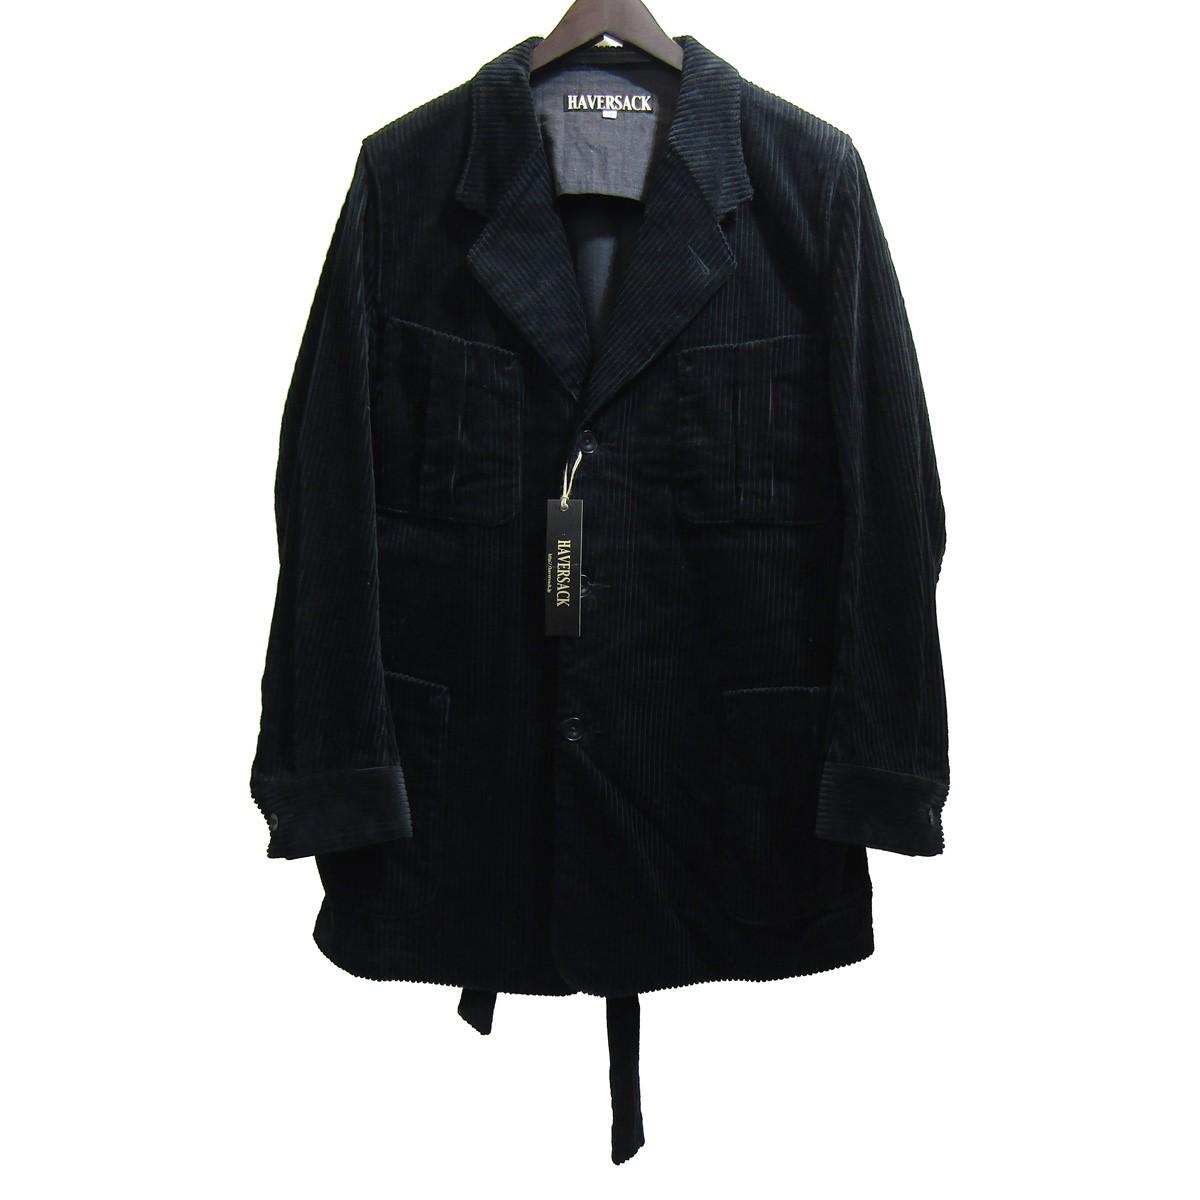 【中古】HAVERSACK コーデュロイローブジャケット ブラック サイズ:M 【271219】(ハバーサック)